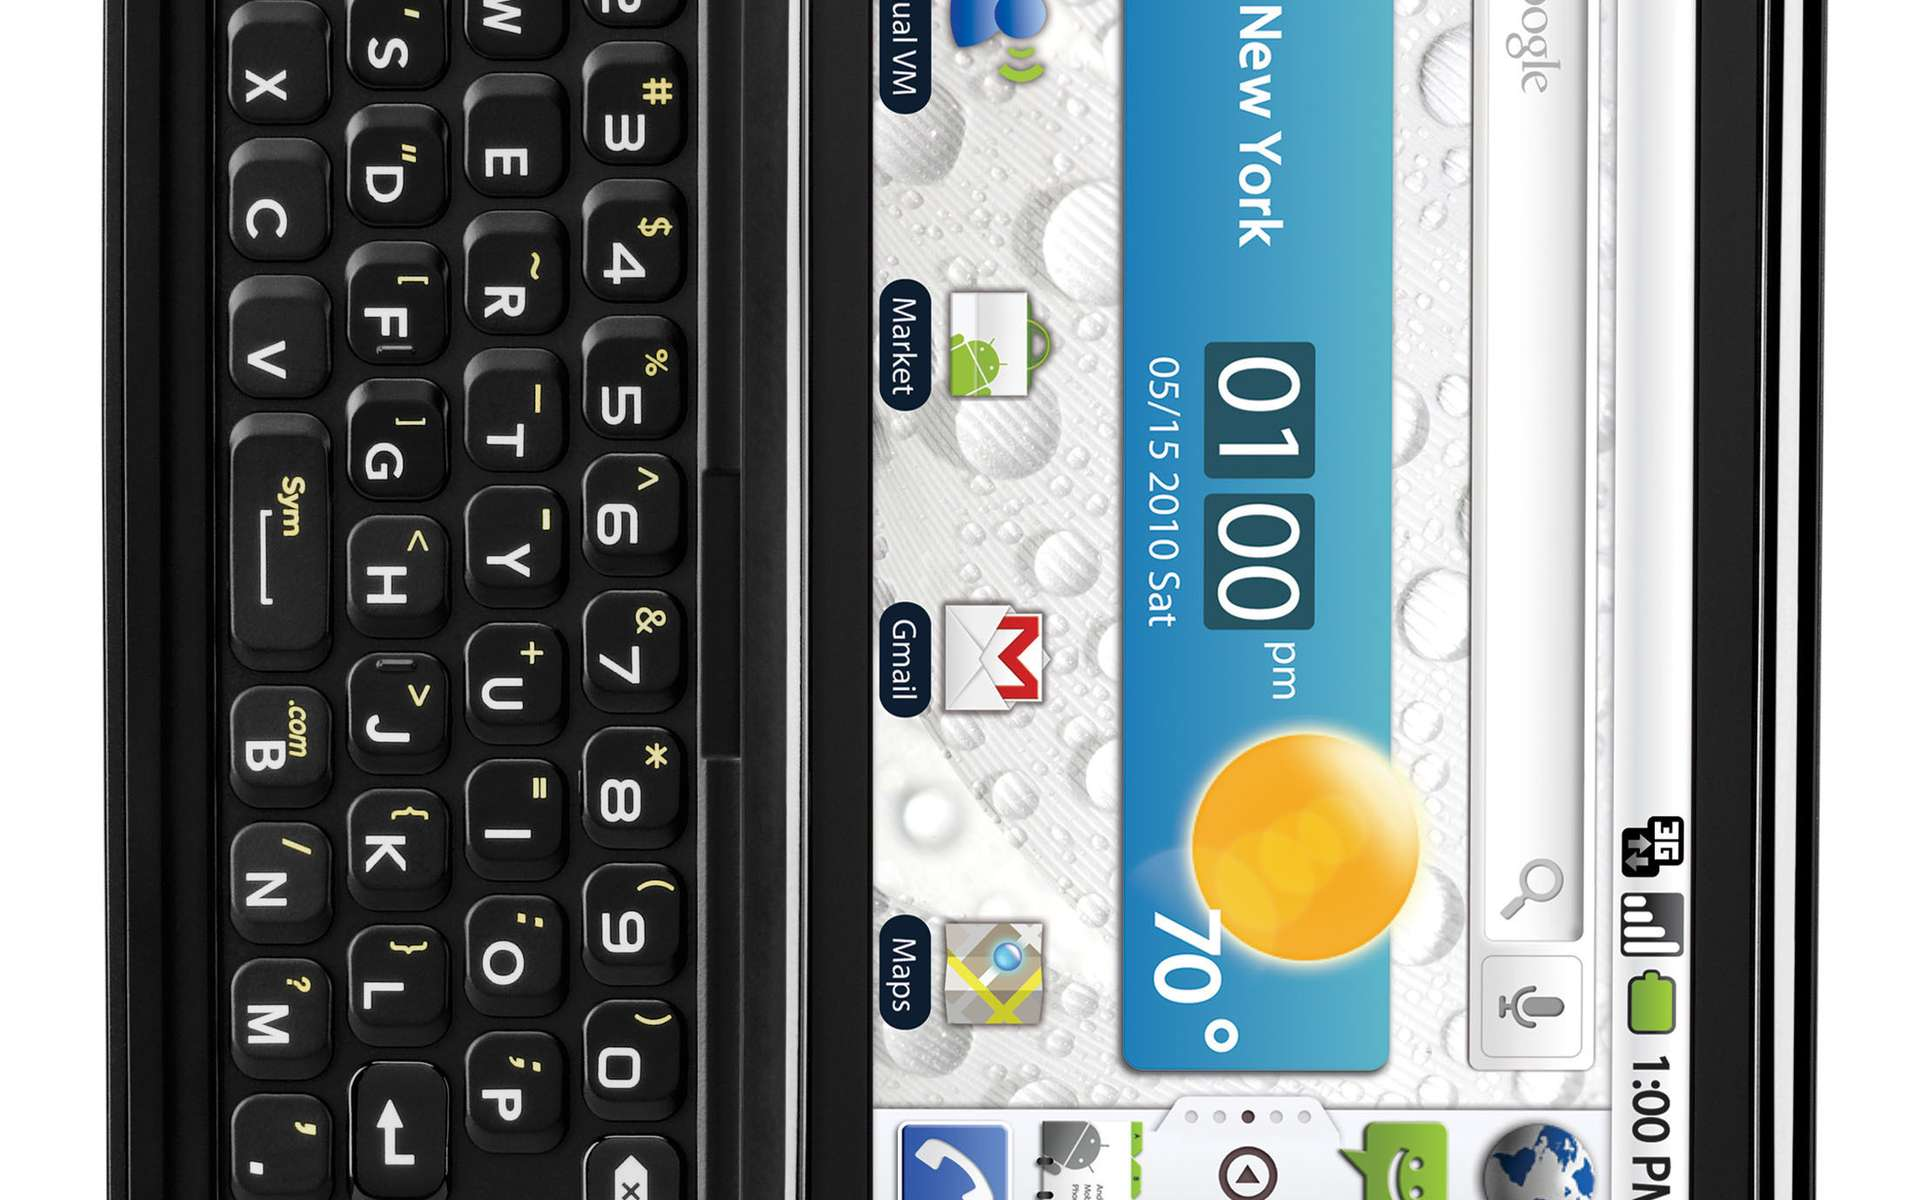 Les mobiles sous Android (ici un modèle de LG Electronics pourront bientôt servir à lire des livres... © LG Electronics